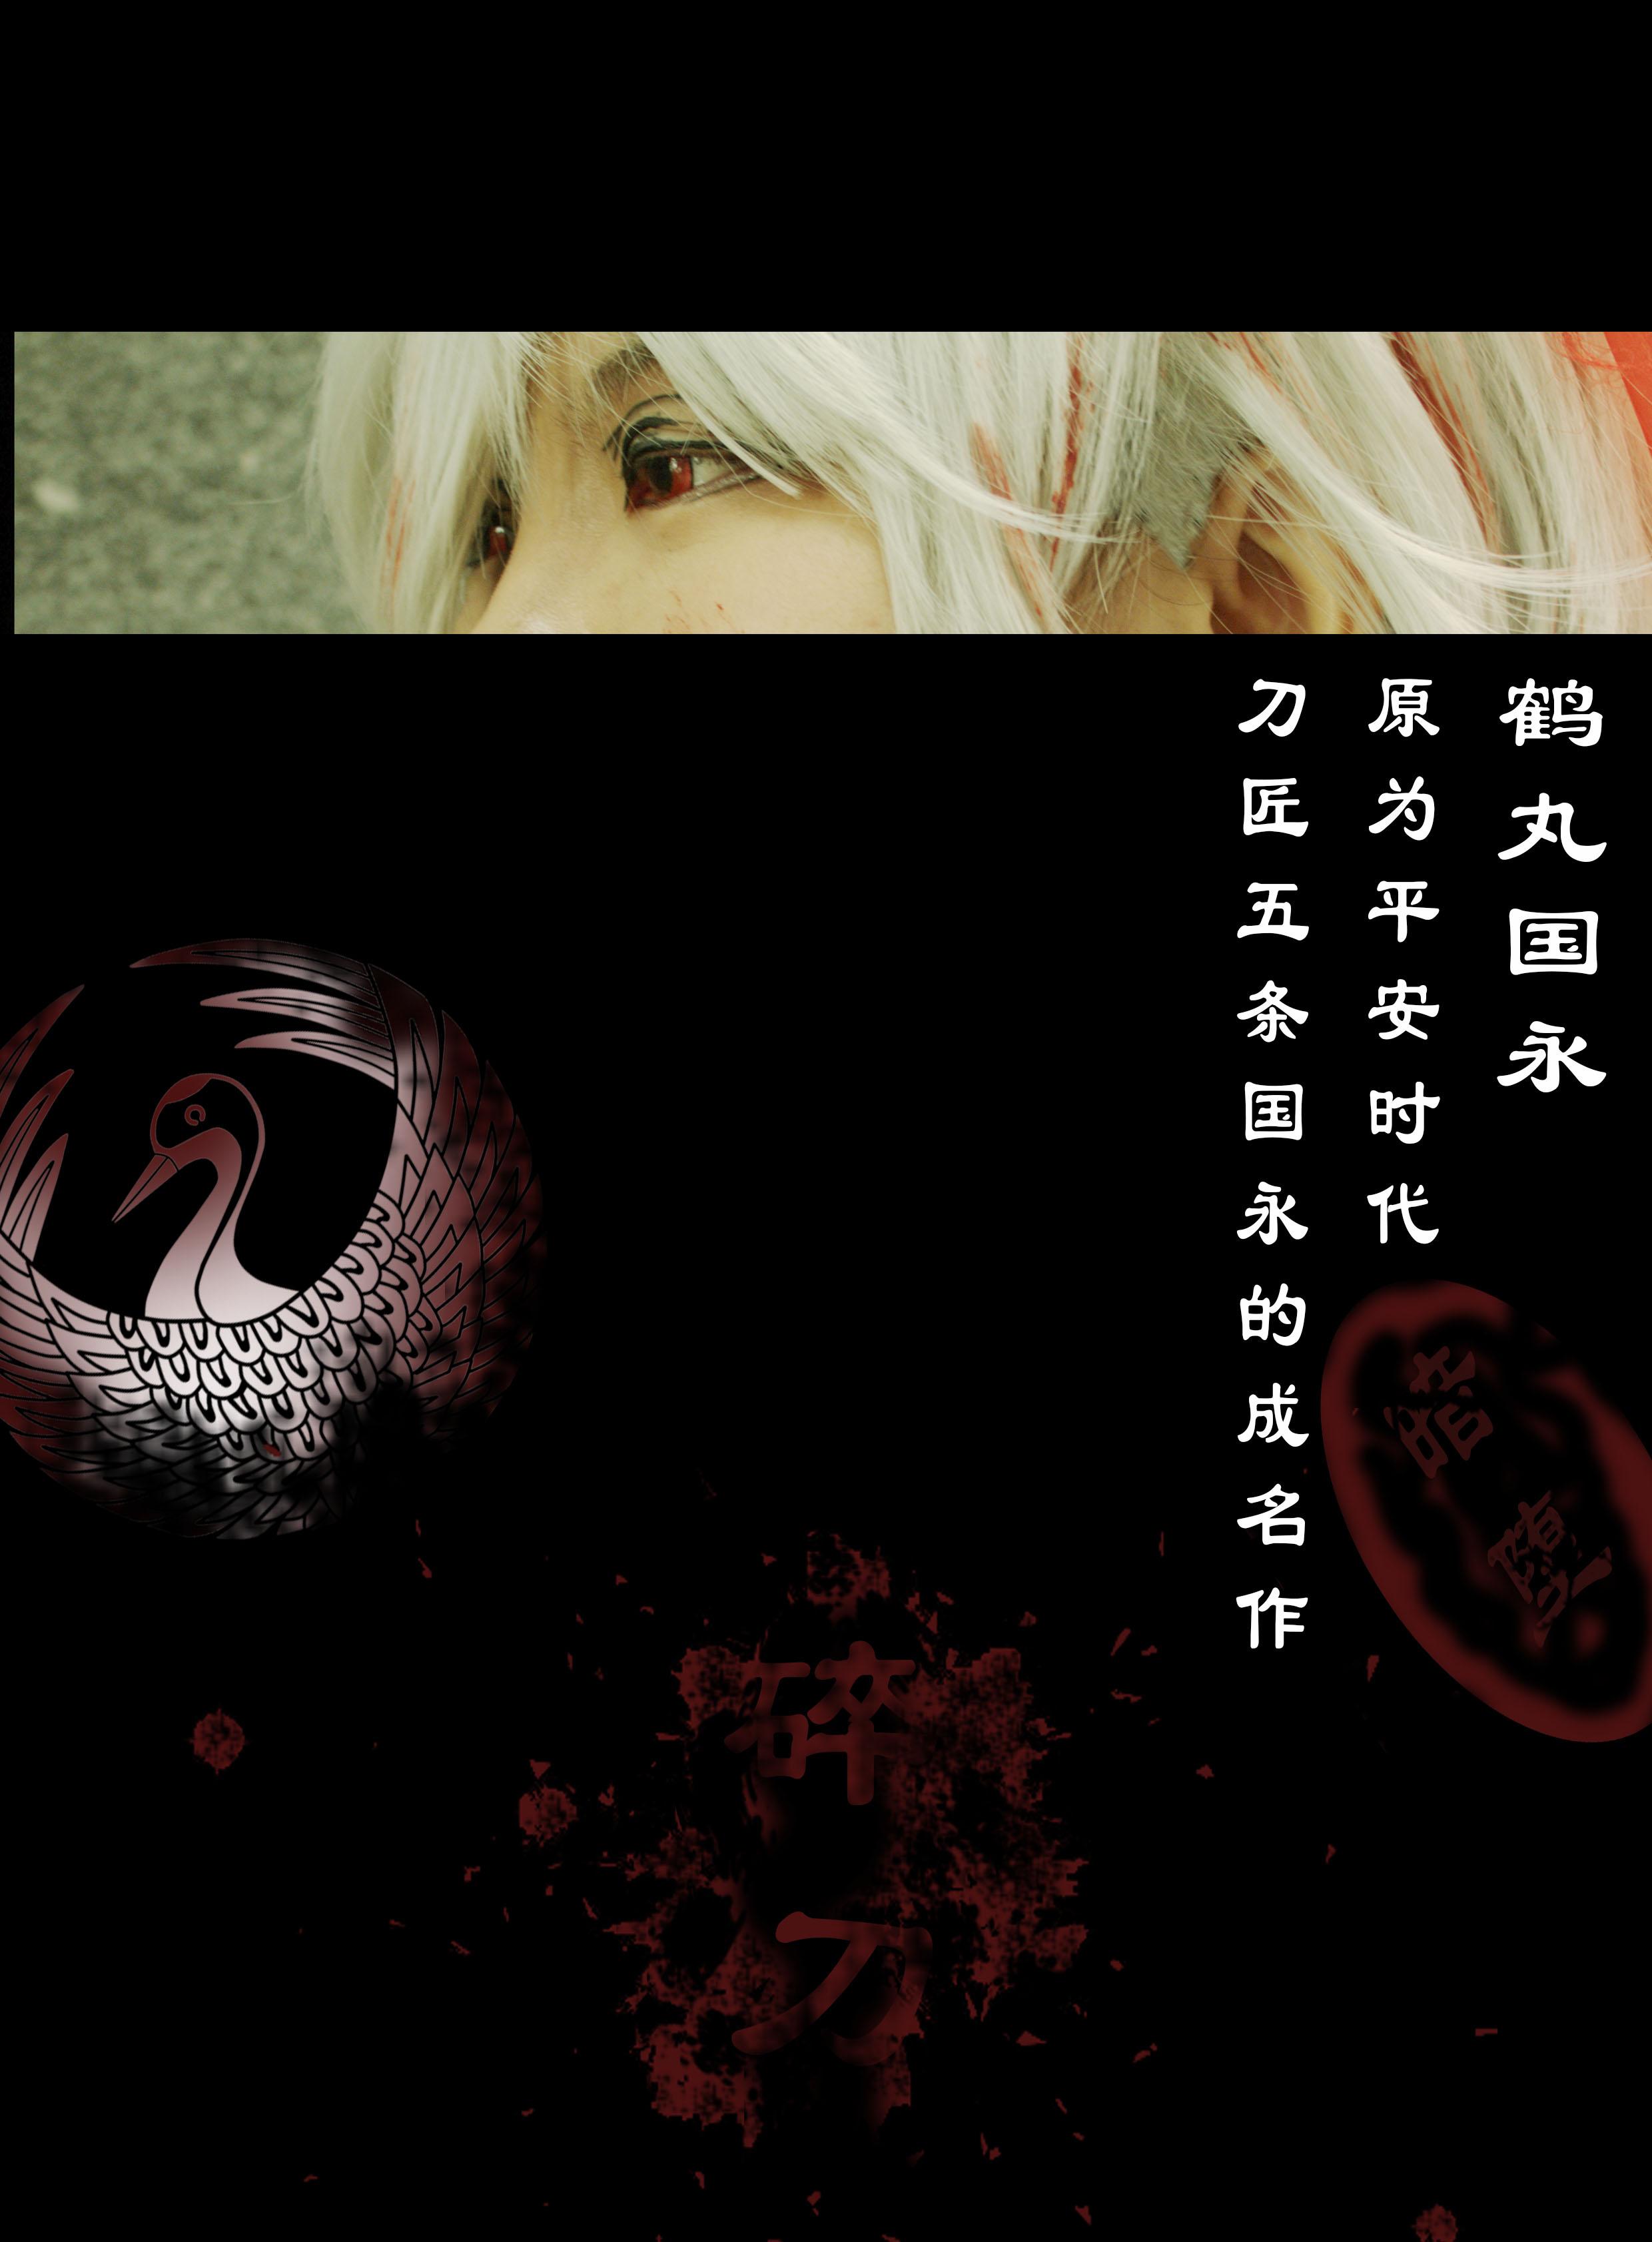 【cos预告】--刀剑乱舞----暗堕鹤丸国永